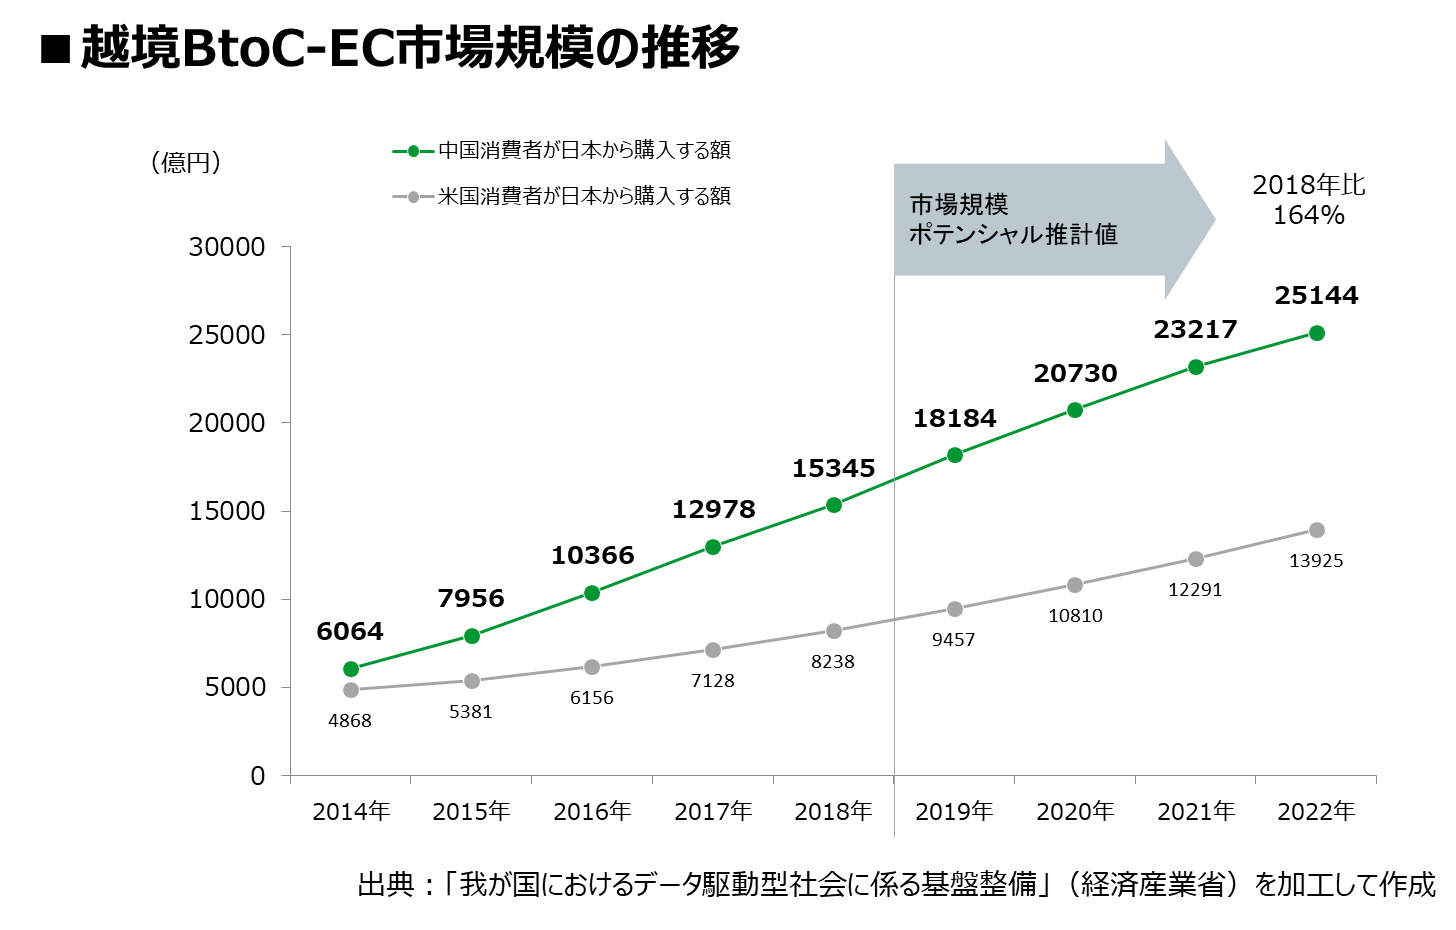 越境BtoC-EC市場規模の推移イメージ図